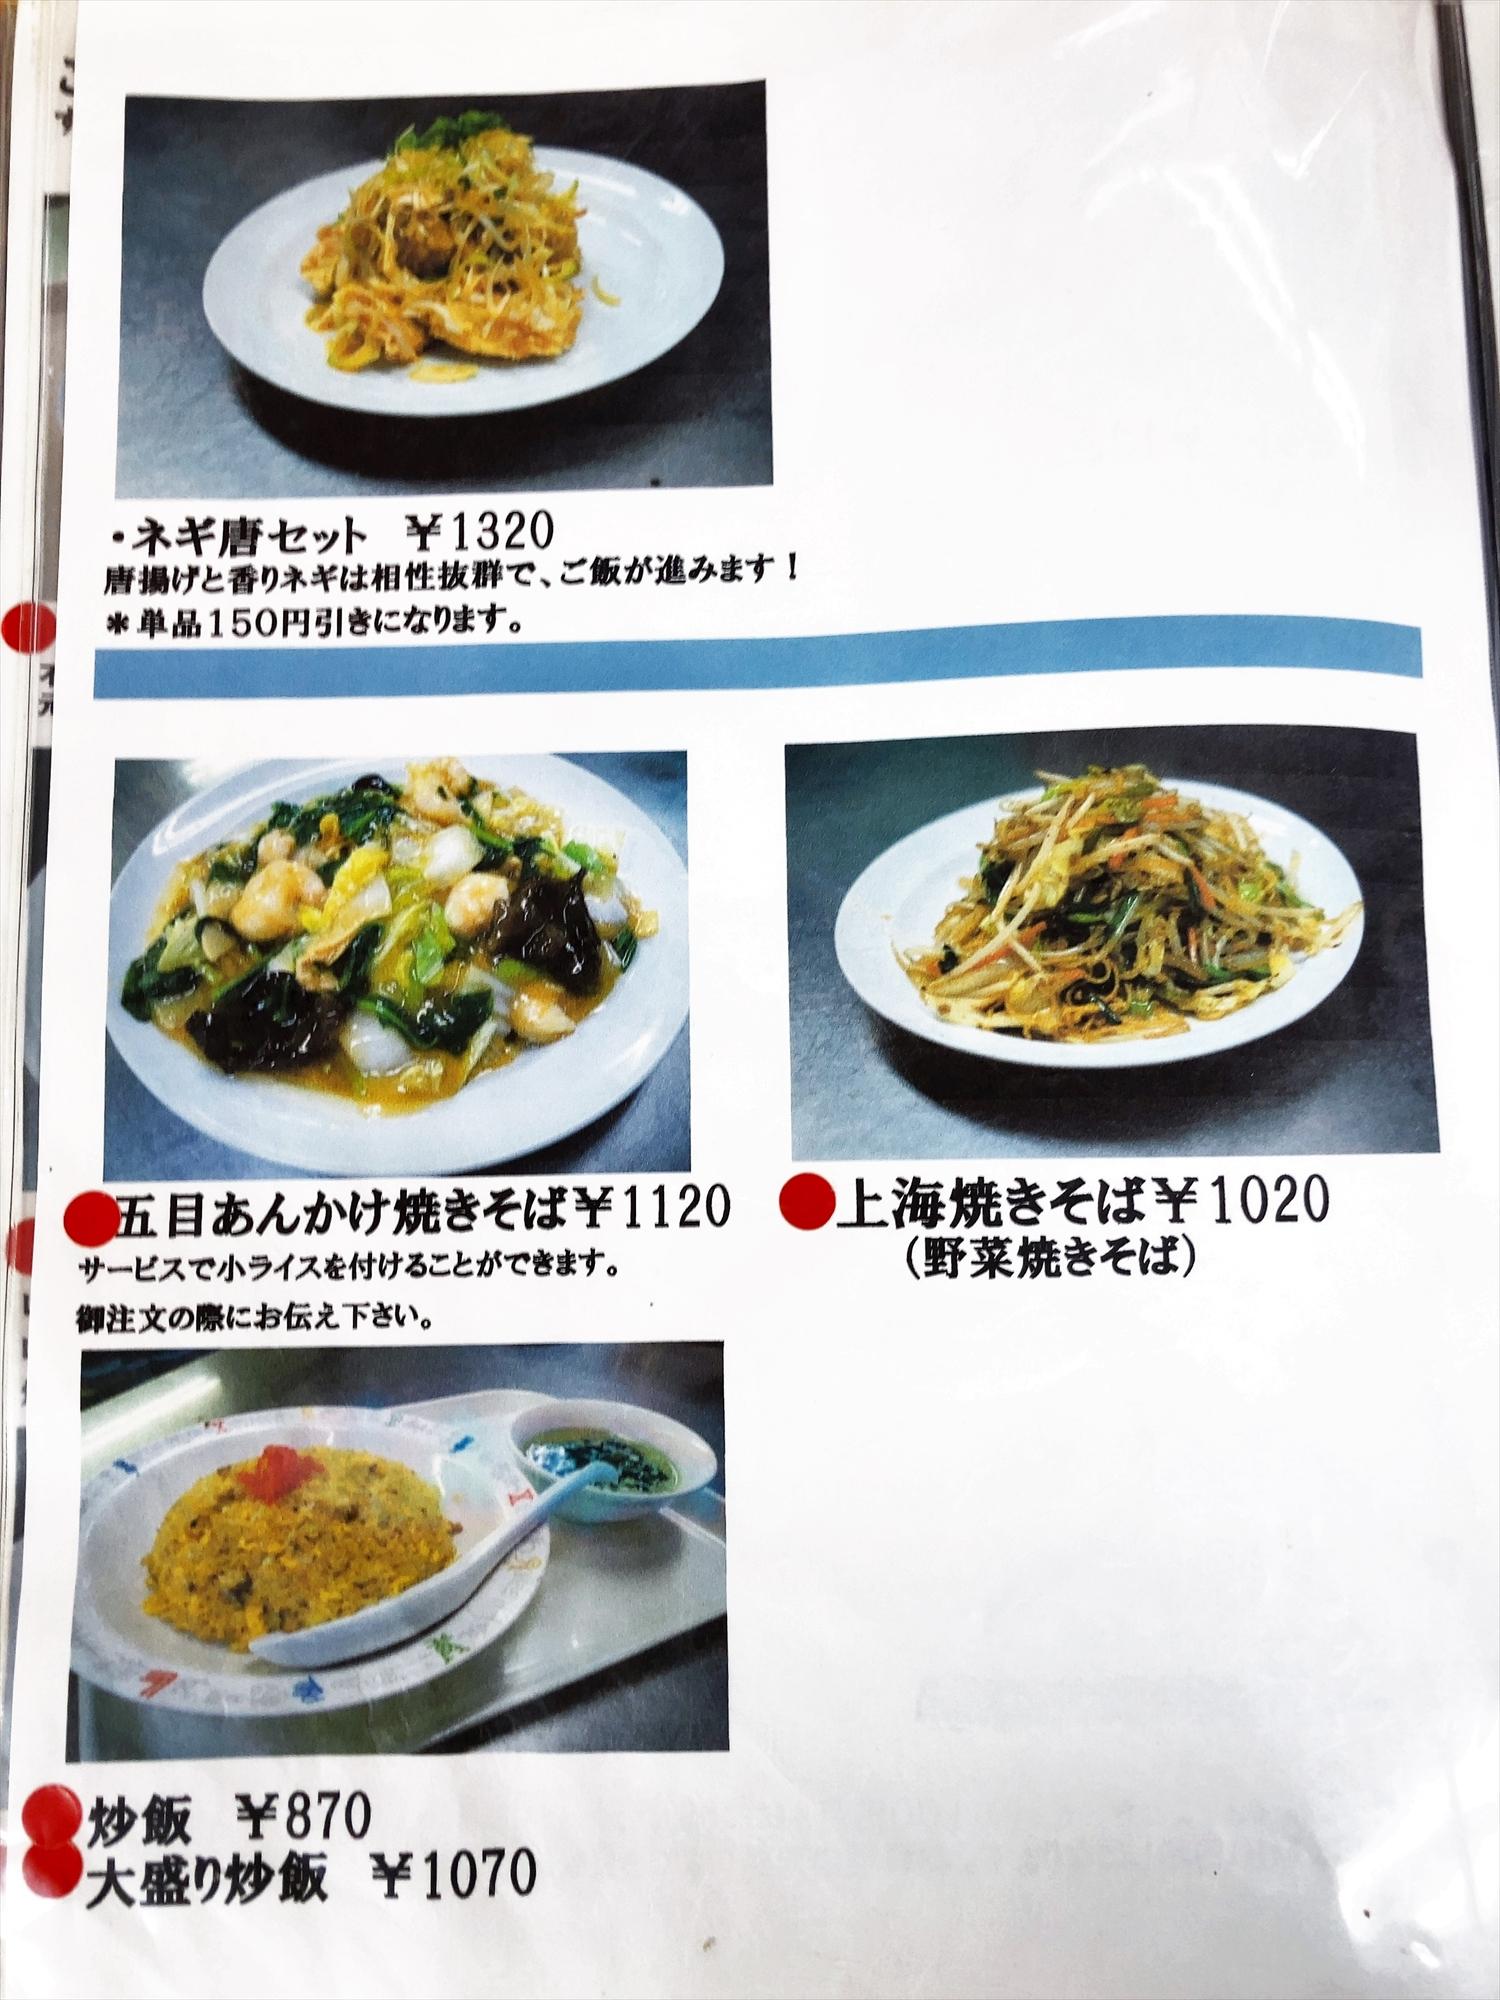 中華厨房 東風のメニュー